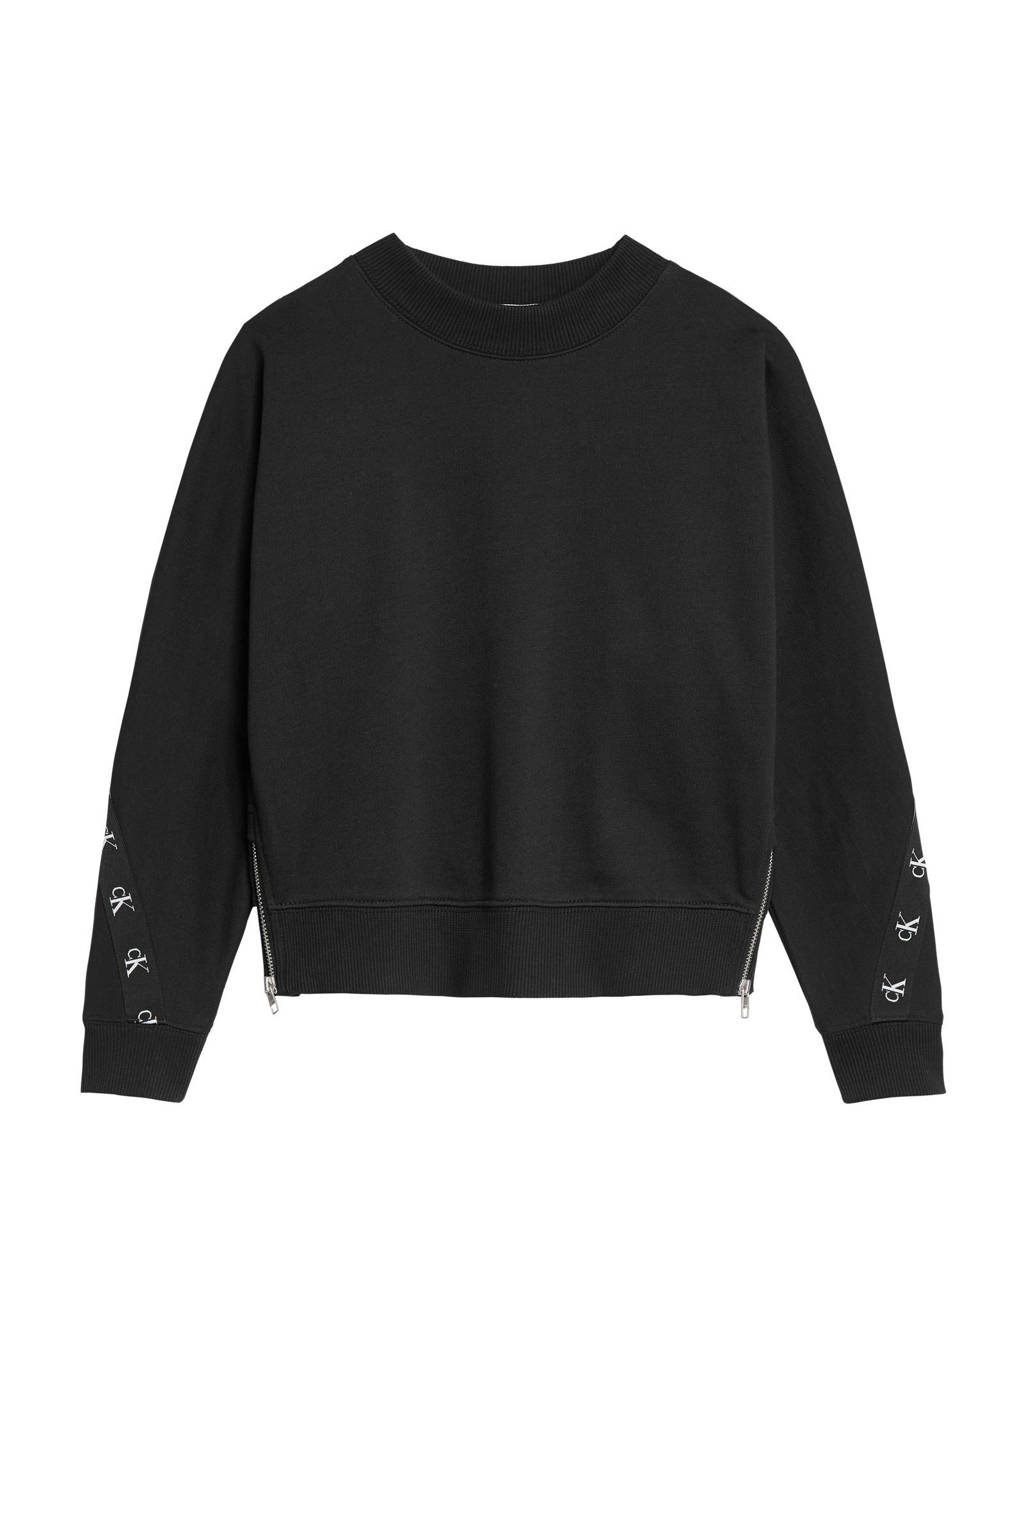 CALVIN KLEIN JEANS sweater zwart, Zwart